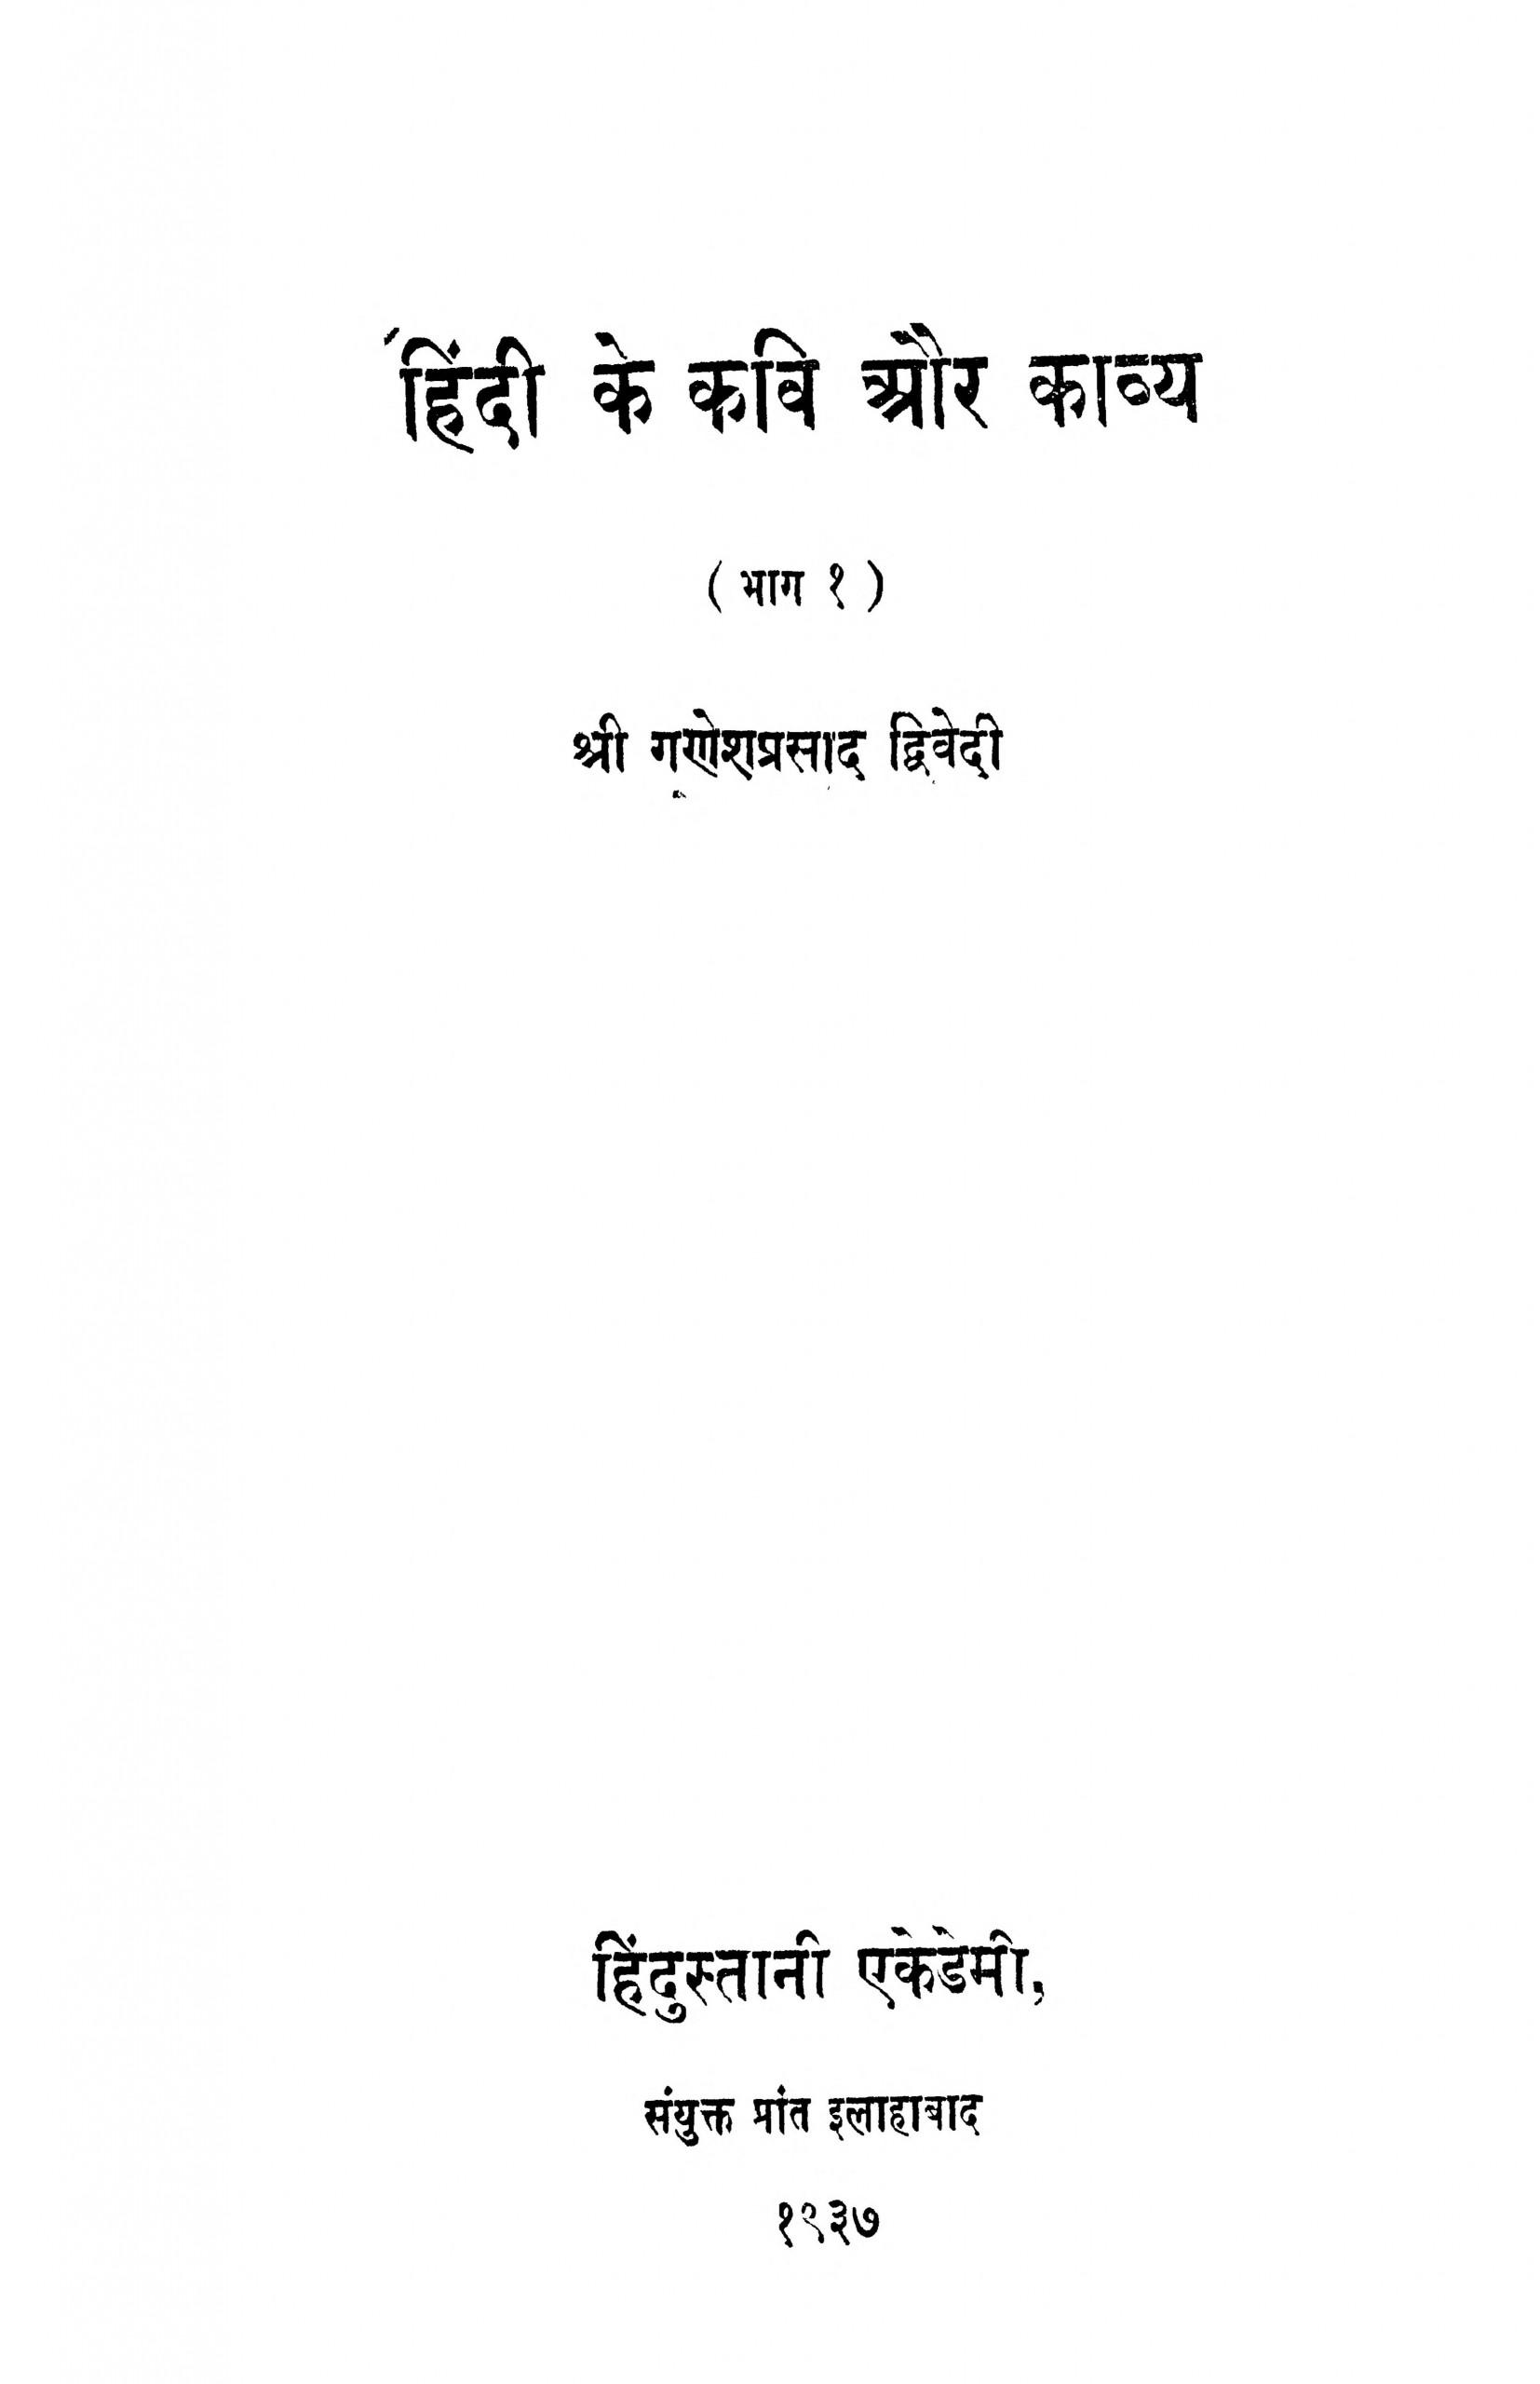 Book Image : हिन्दी के कवि और काव्य भाग - 1  - Hindi Ke Kavi Aur Kavy Bhag - 1